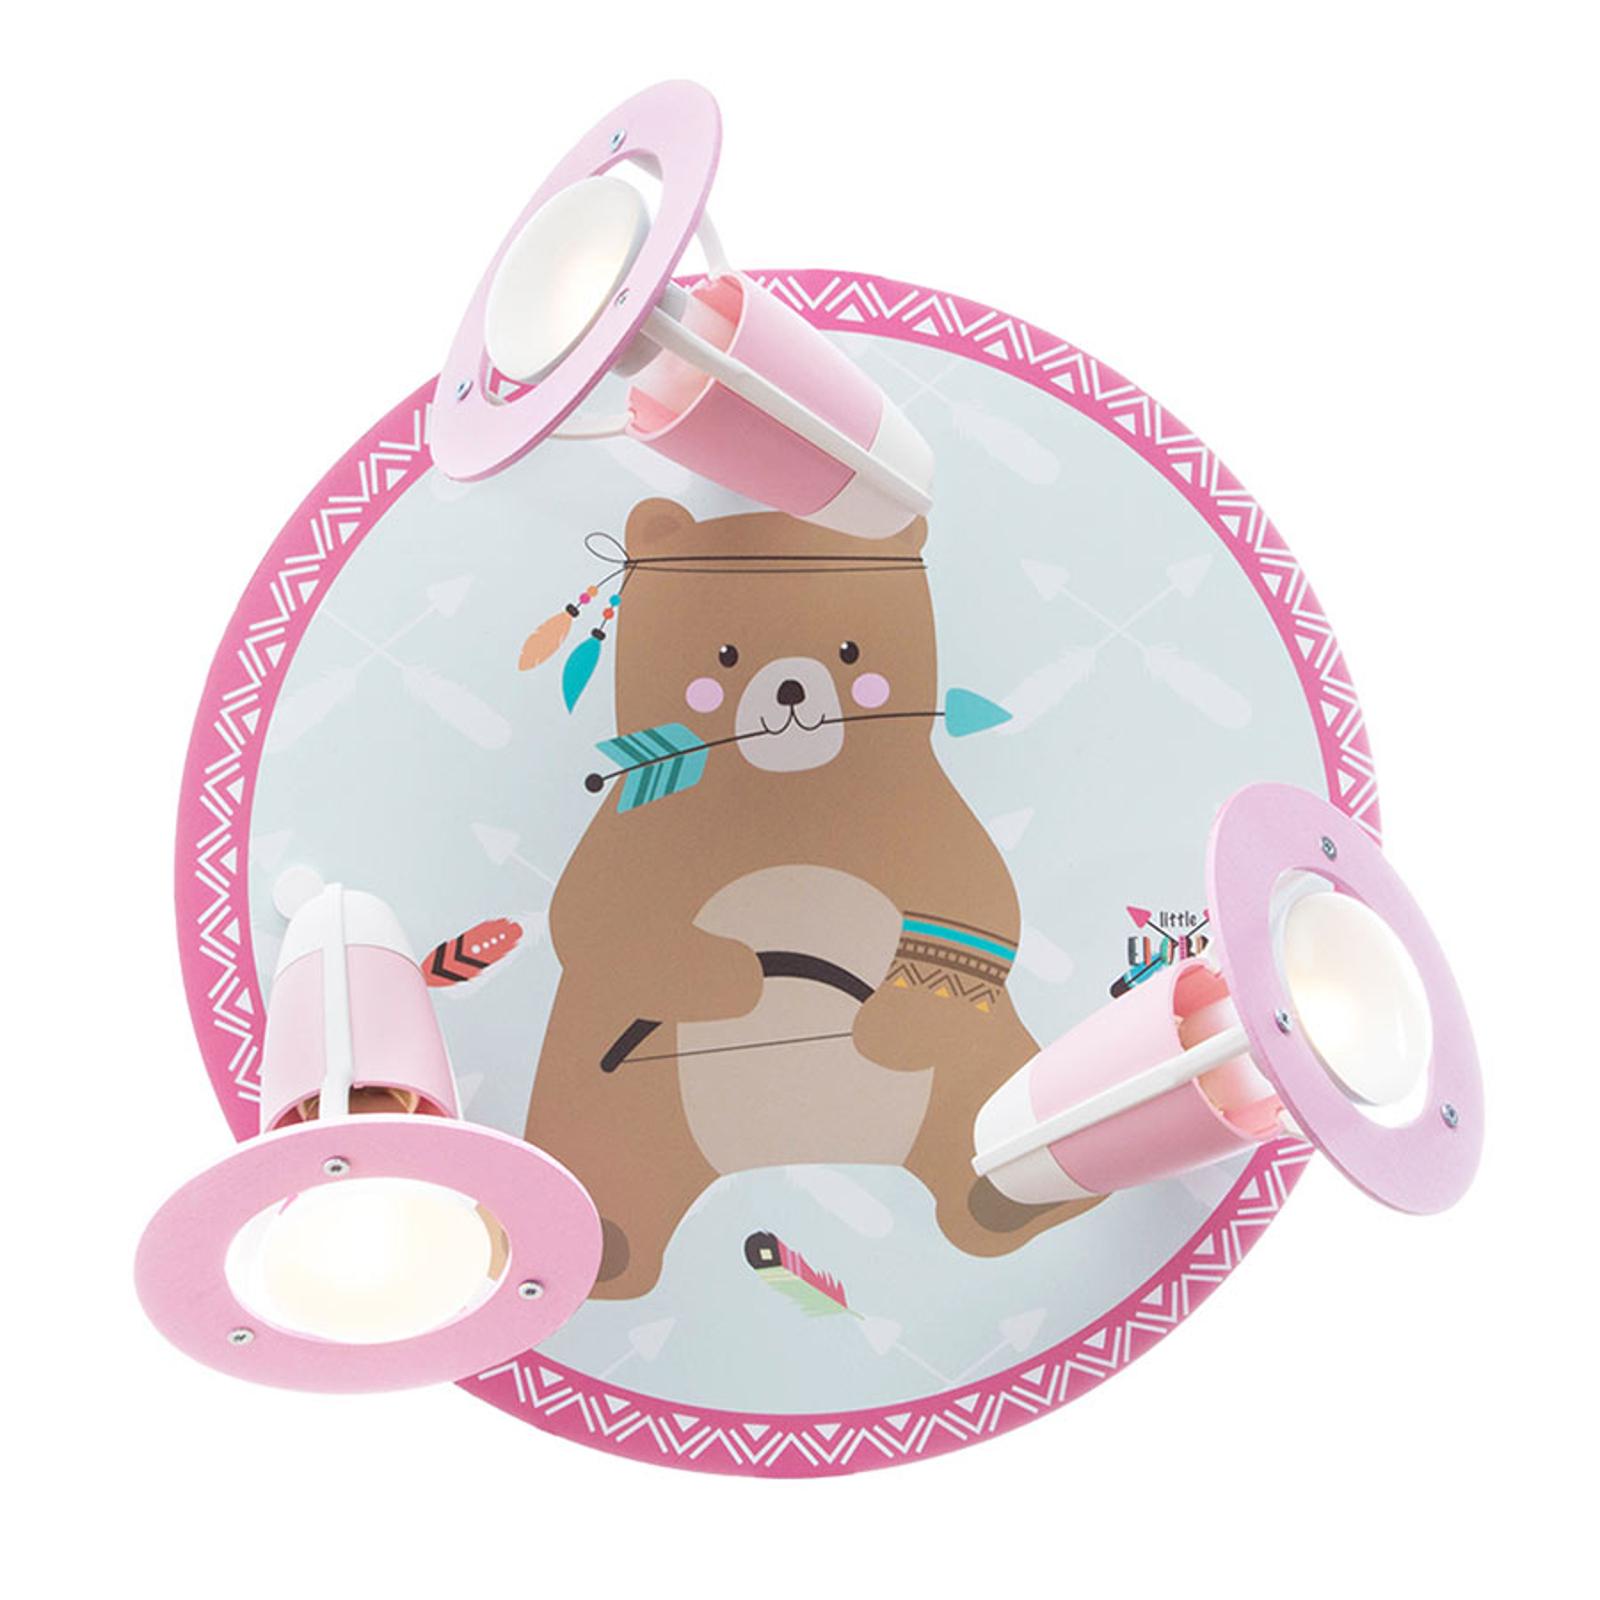 Taklampa Little Indians, björn Bjørn, mint-rosa